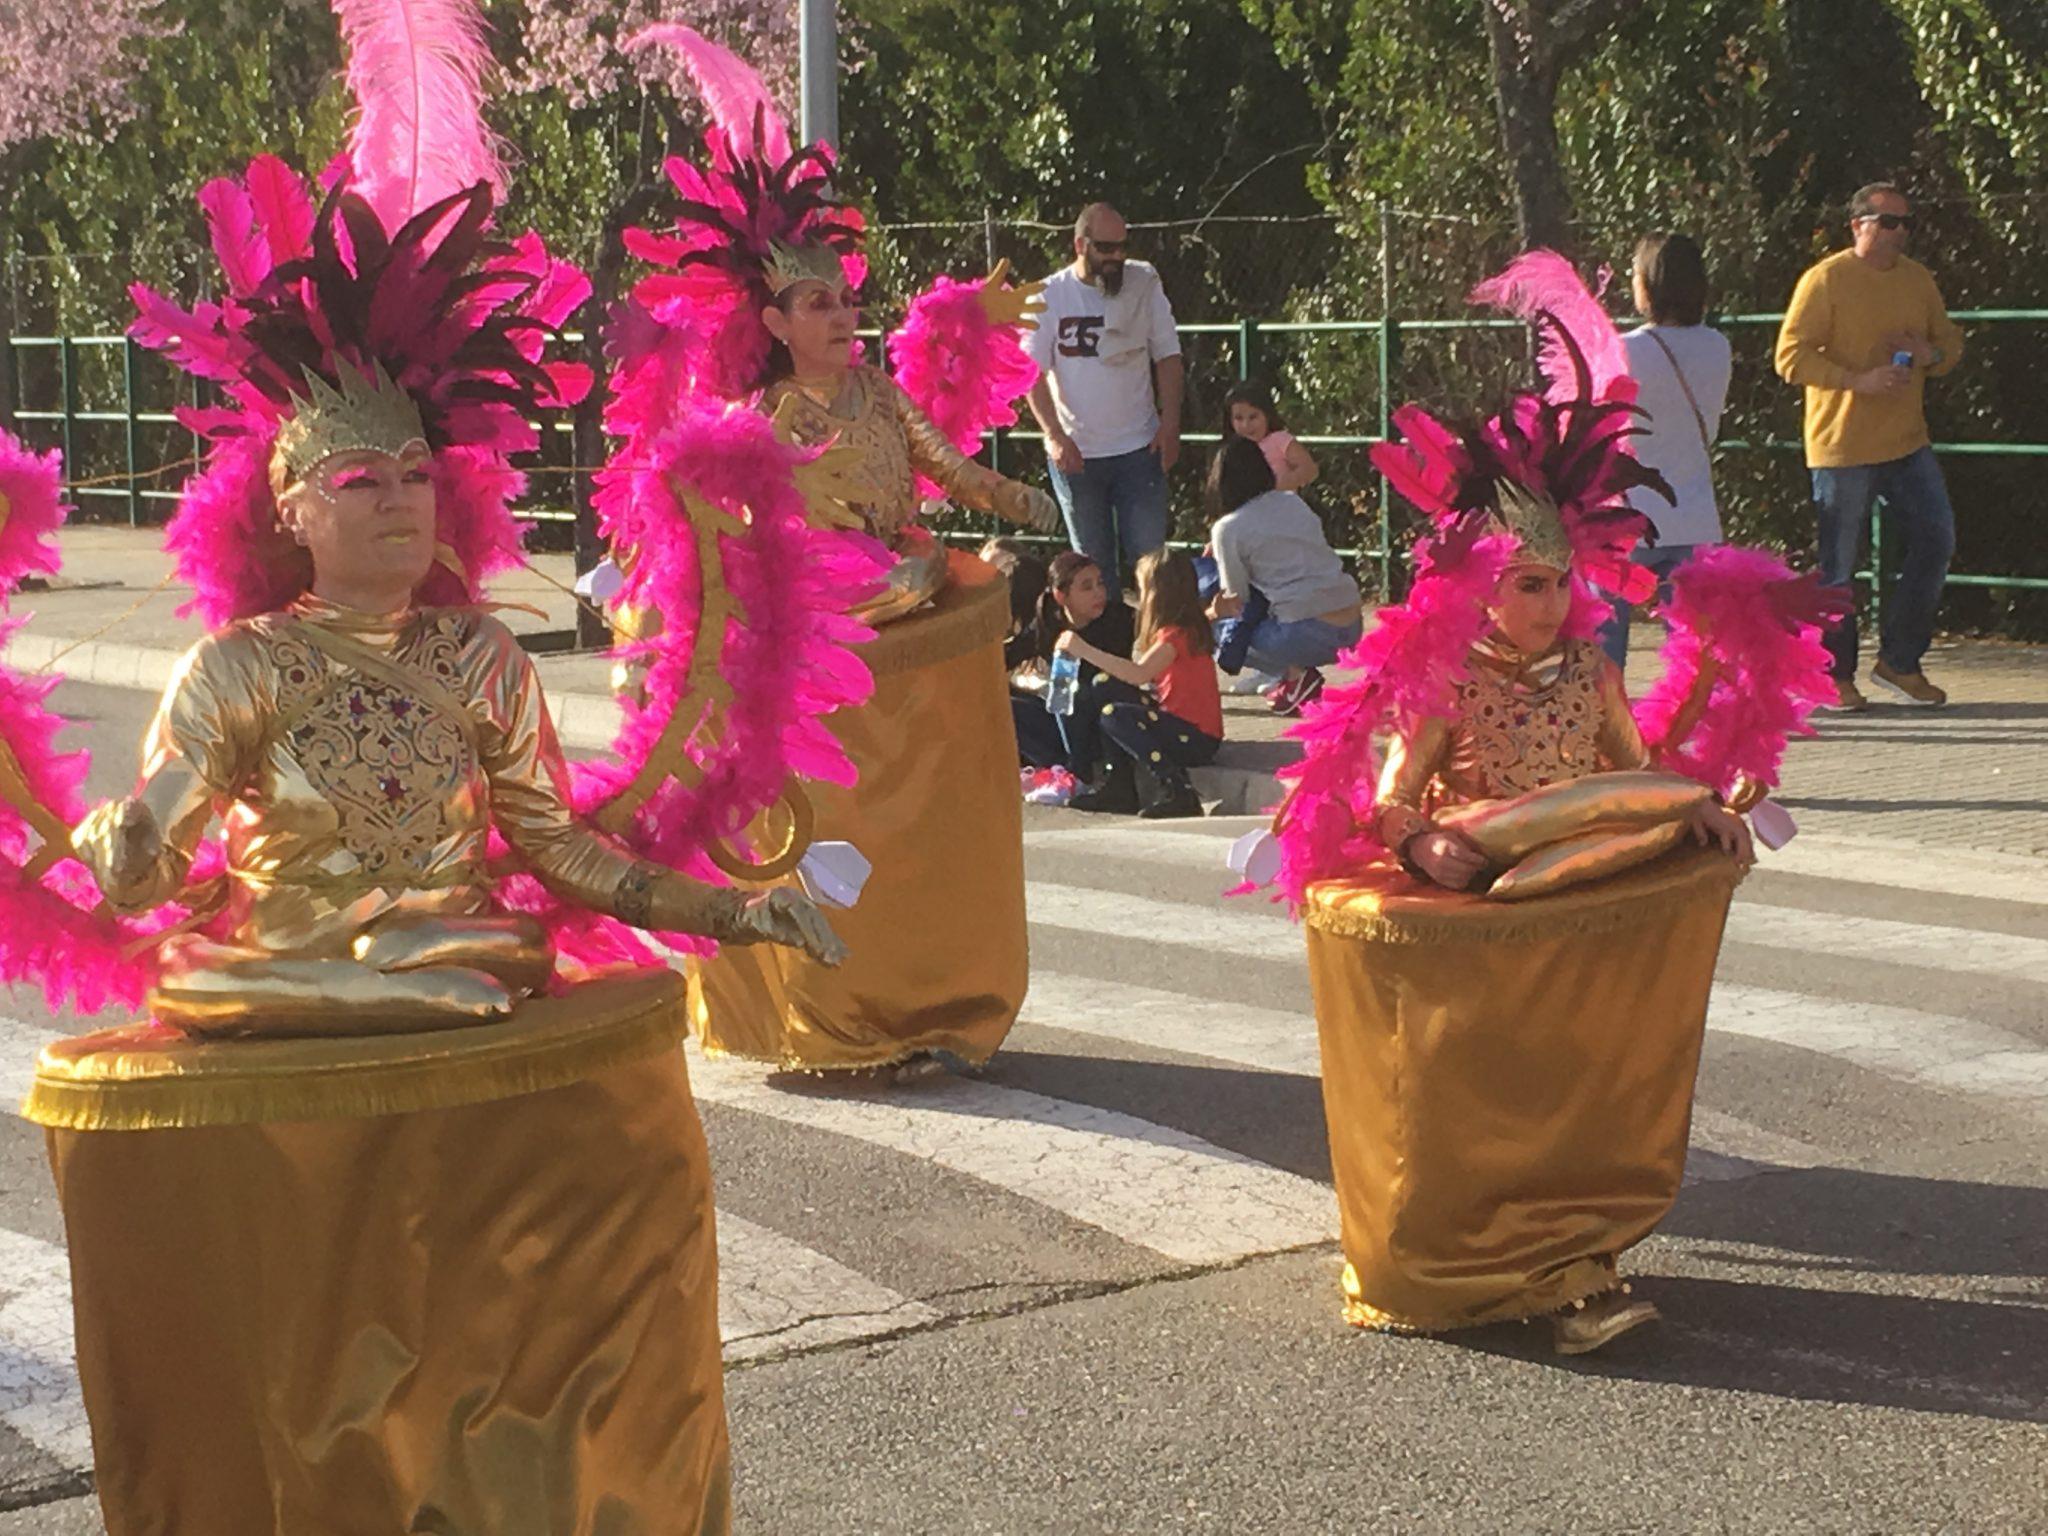 Desfile de Carnaval Cubillos del Sil 2019 - Álbum de fotos 19